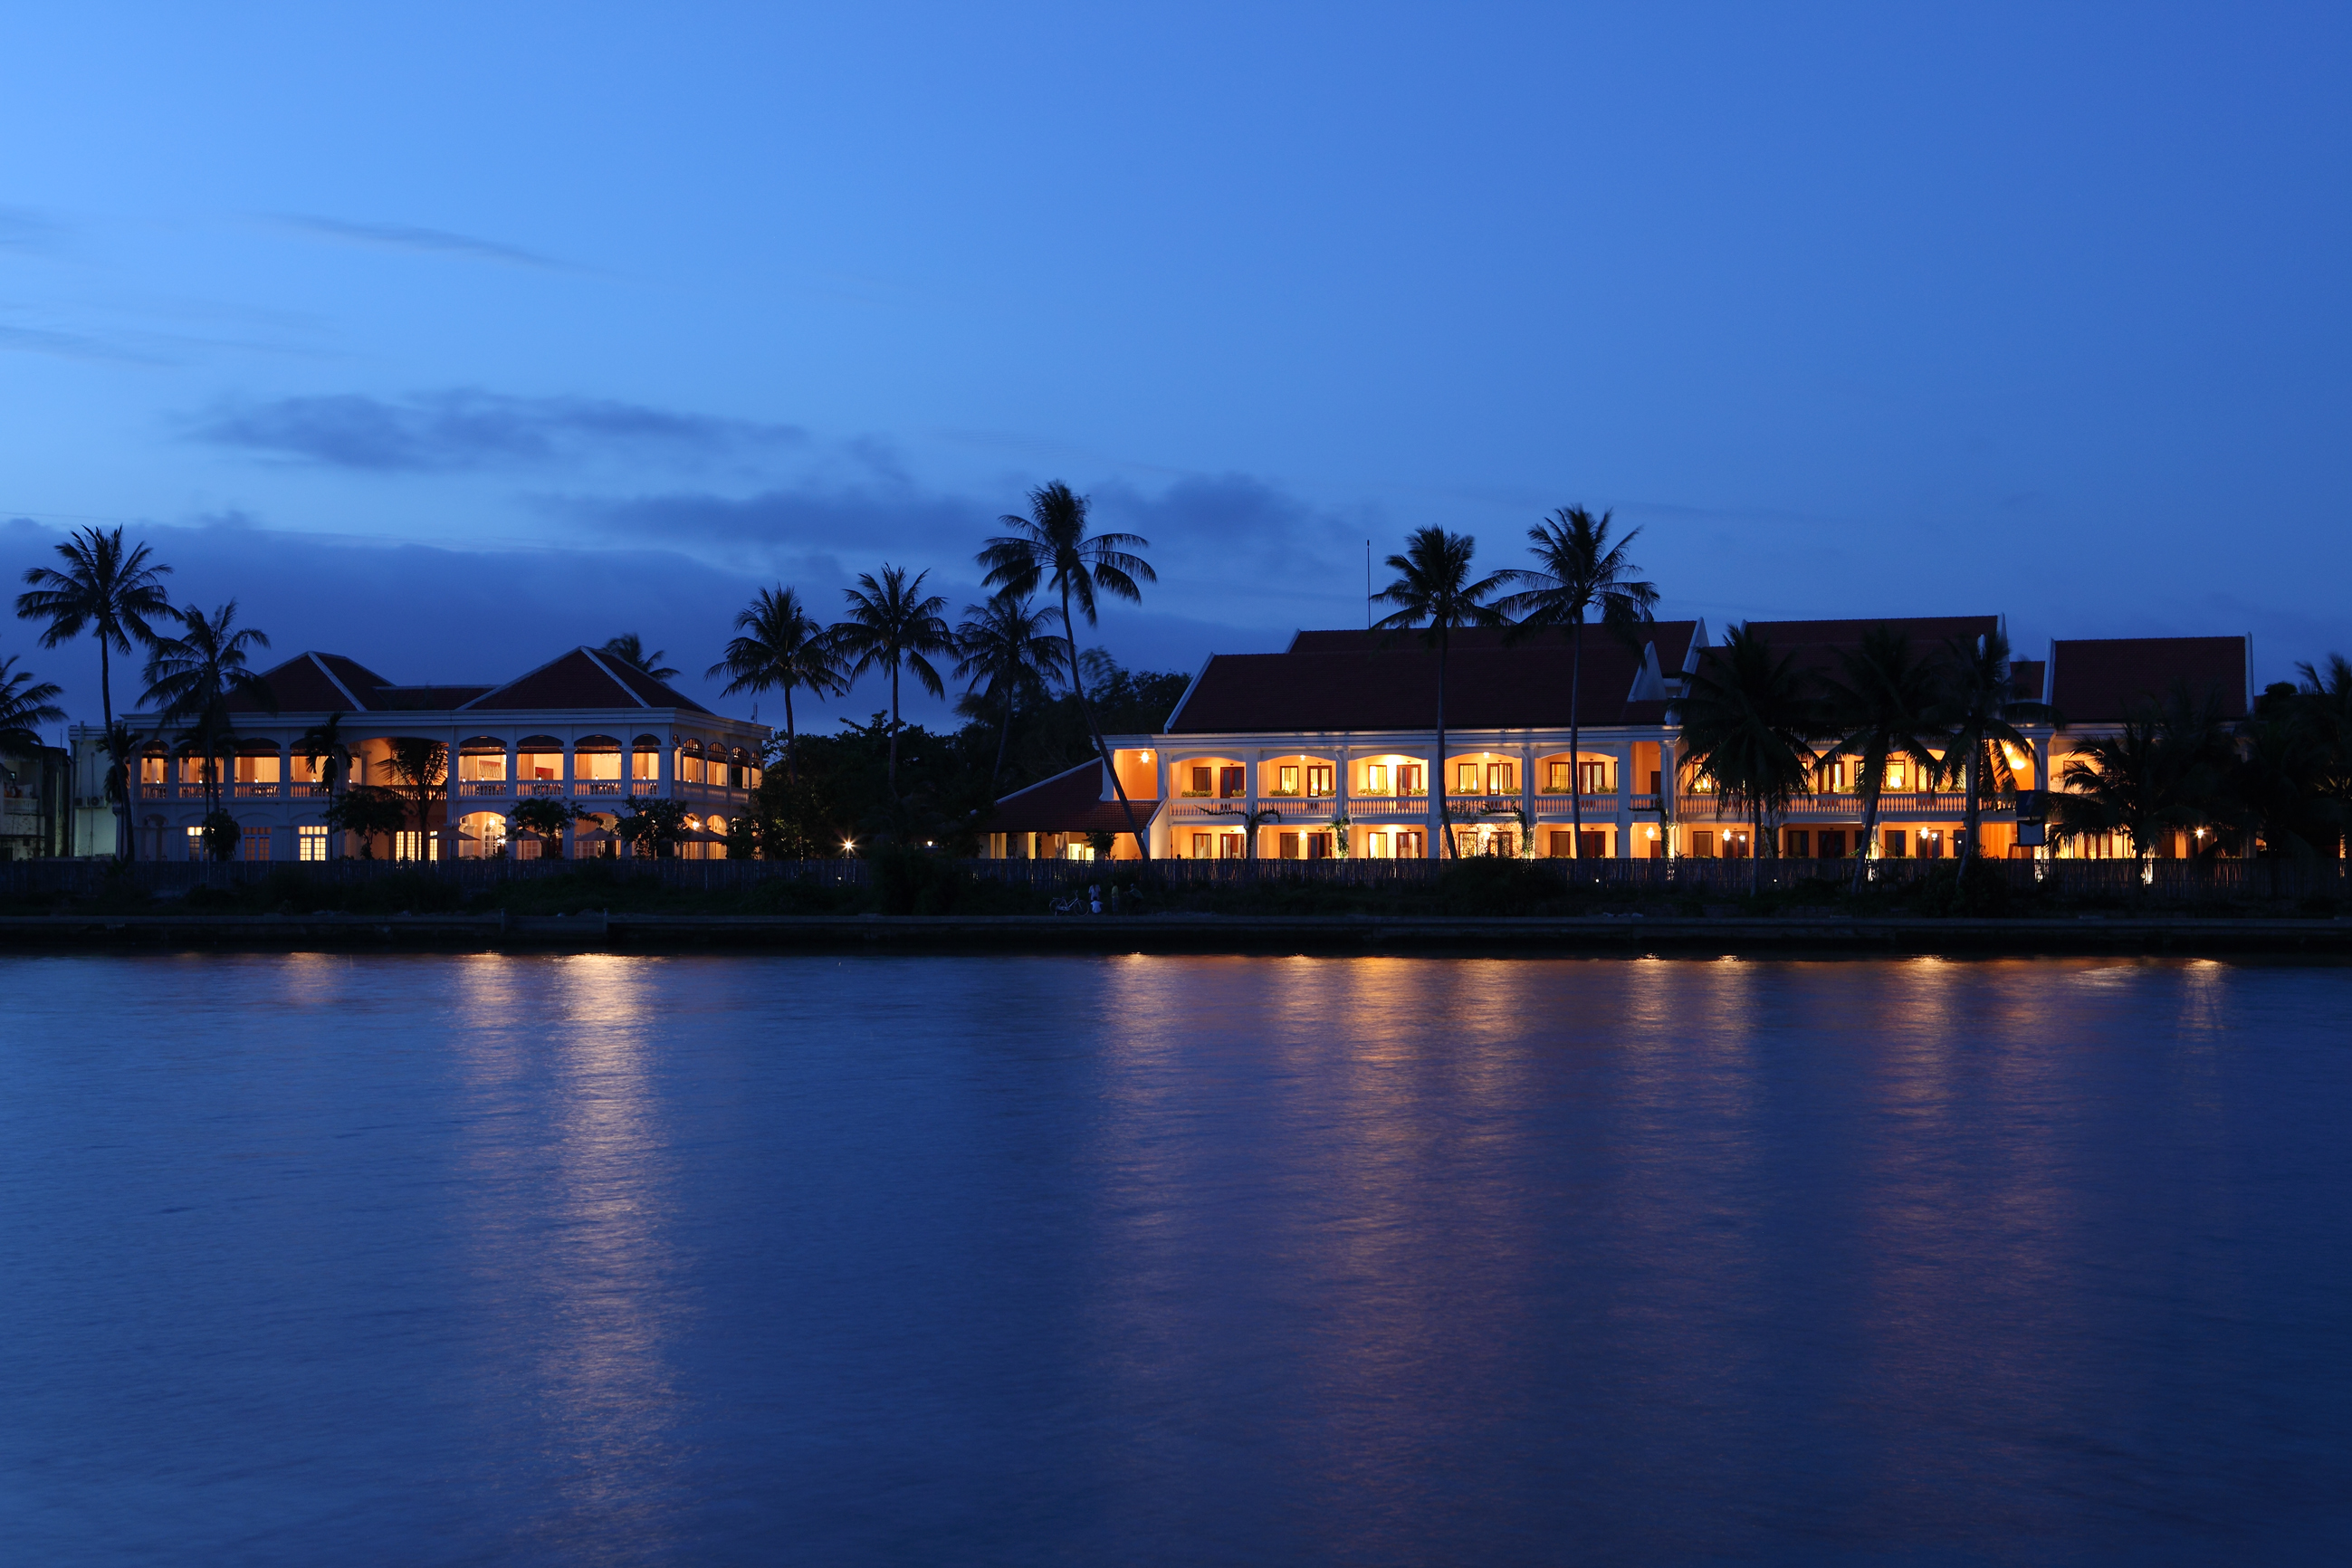 Anantara_Hoi_An_Resort_-_Overview_crt8oo